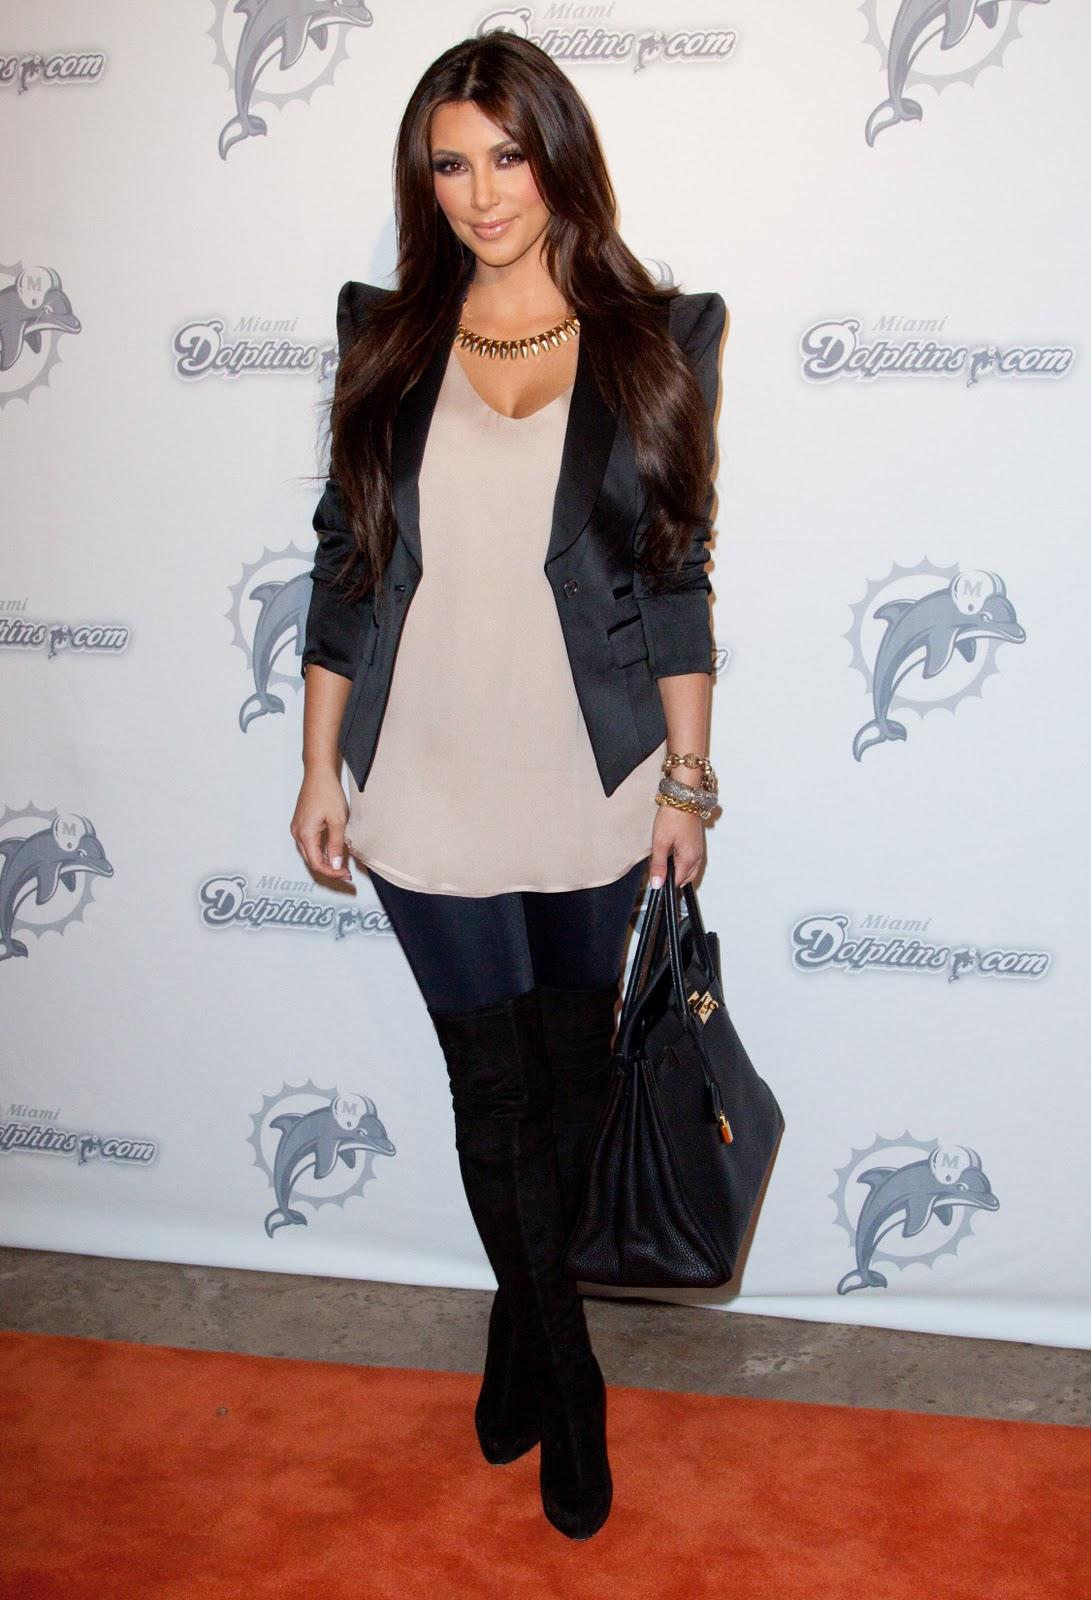 http://4.bp.blogspot.com/_1PLSuRNI8WU/TO0g_BvVaJI/AAAAAAAANHw/HrkYLBFs6hc/s1600/Kim+Kardashian+%252863%2529.jpg